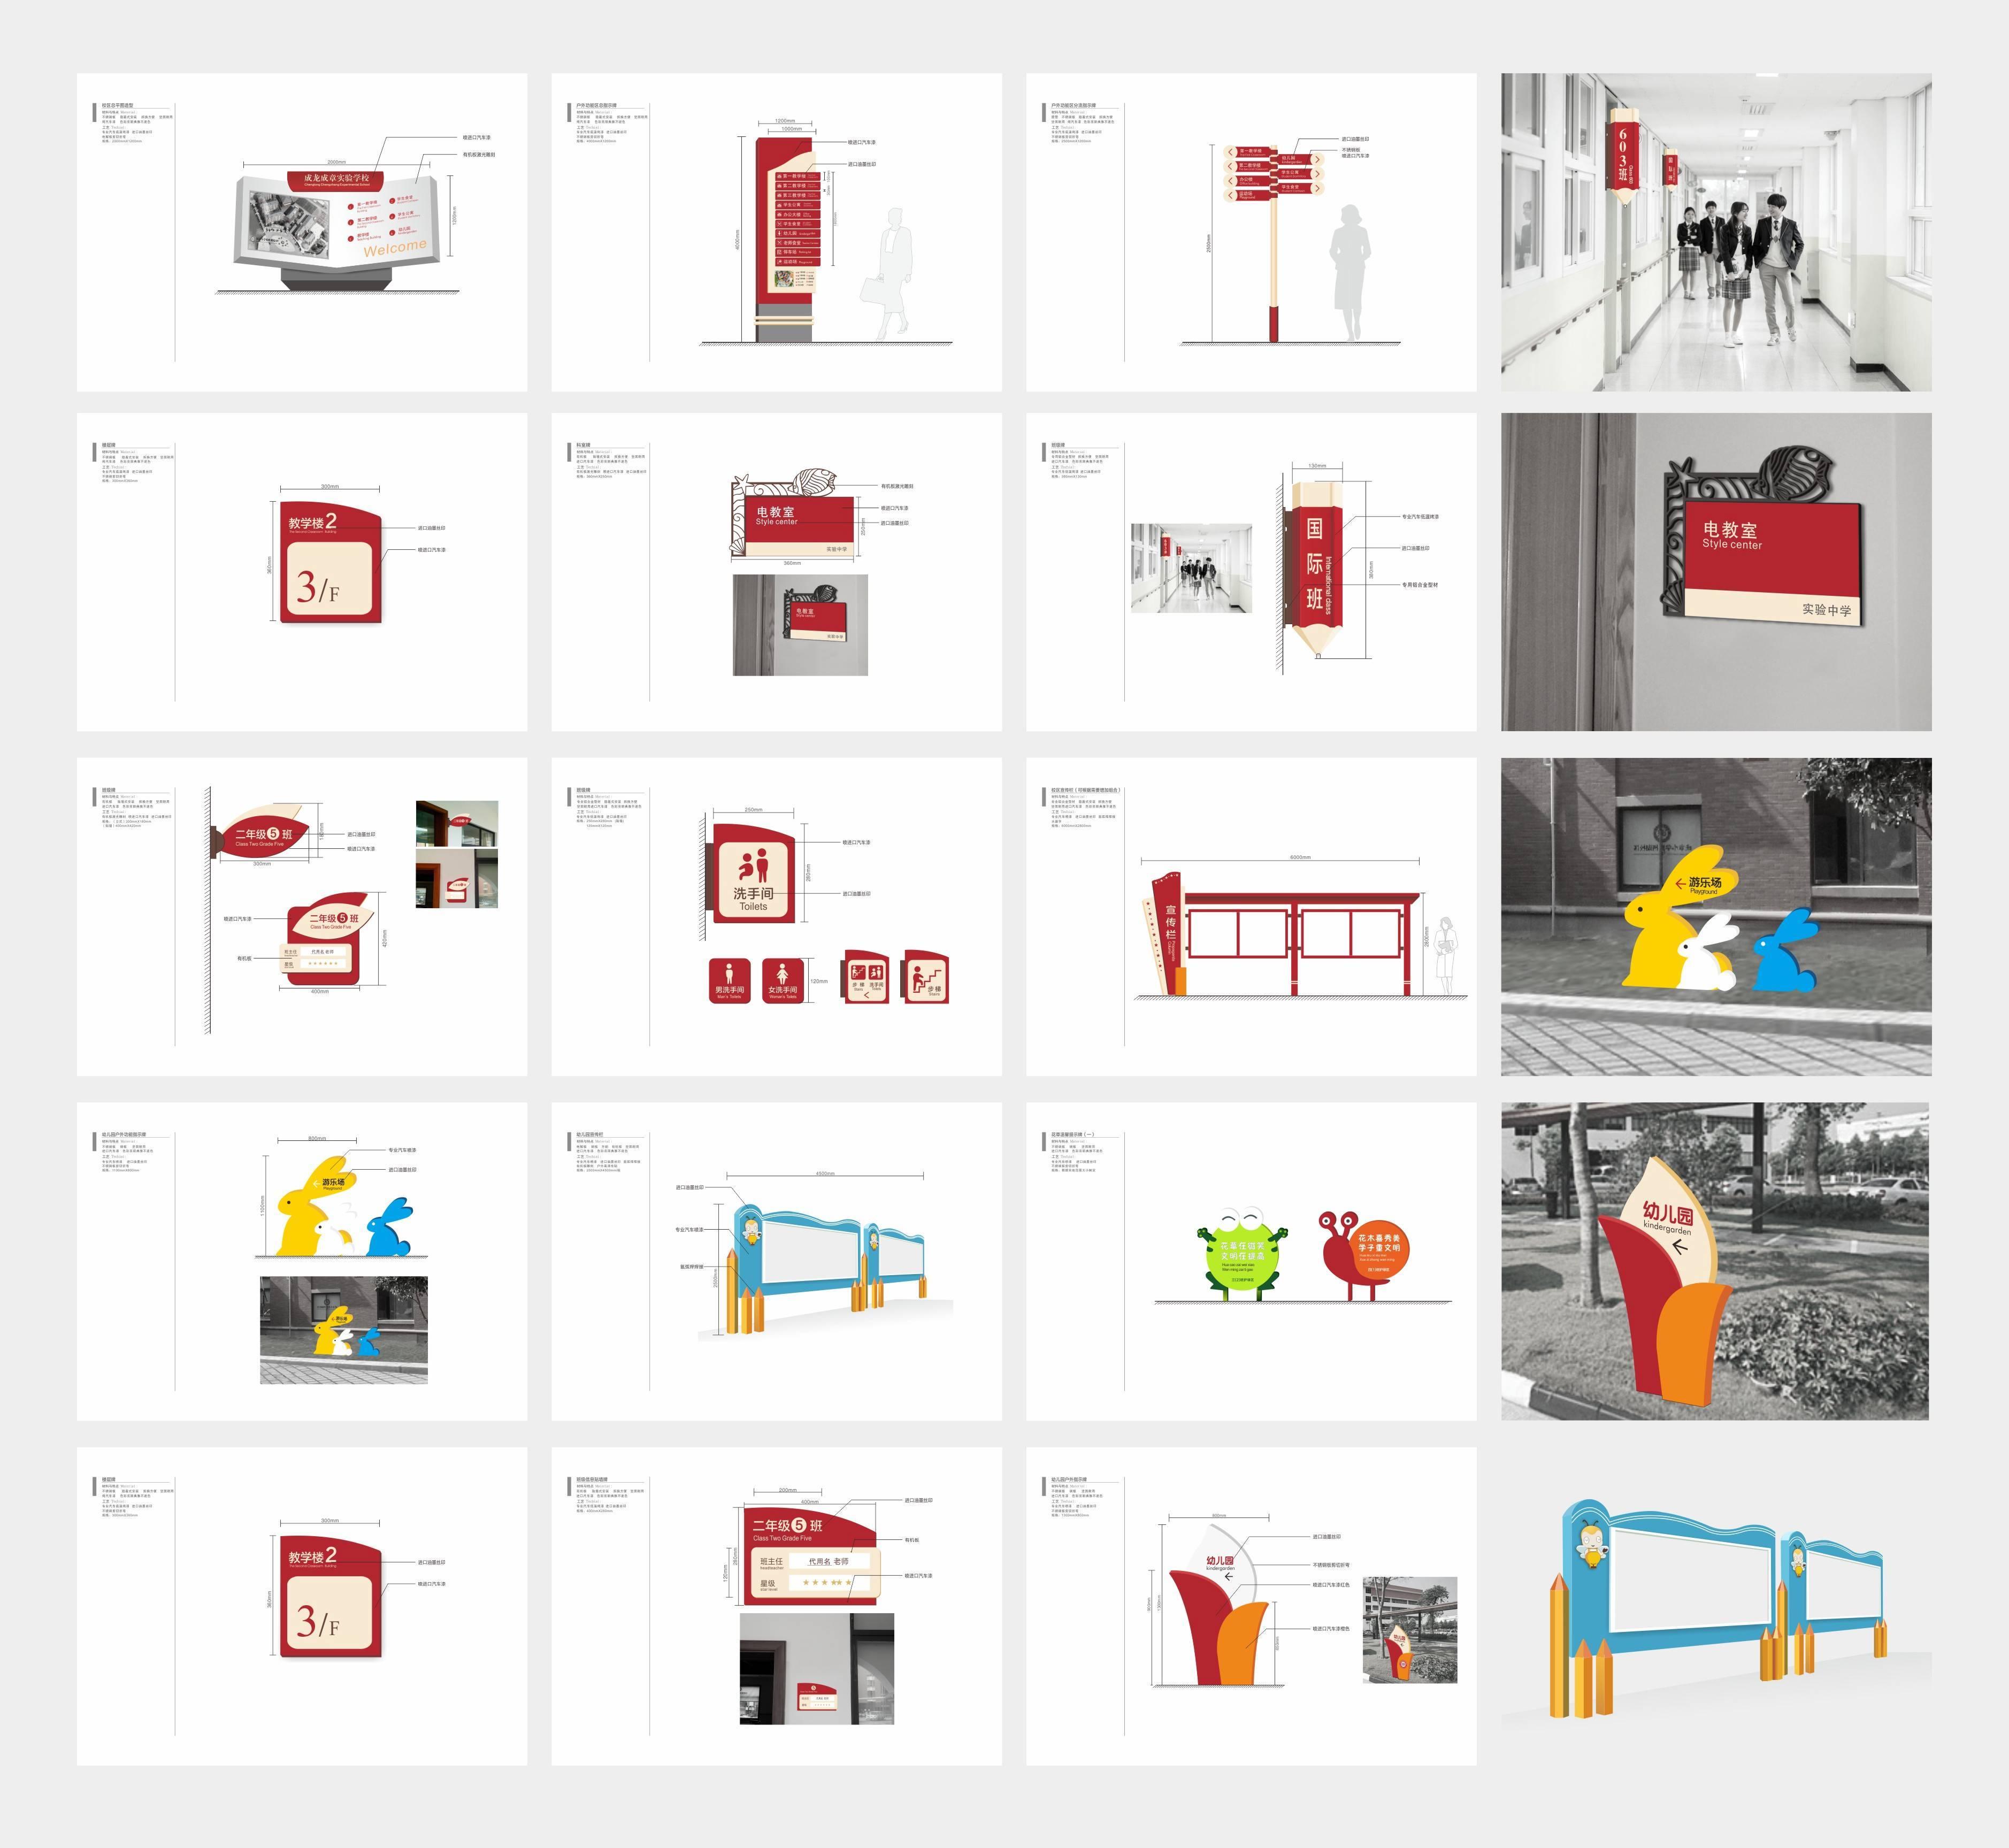 学校经典标识设计模板(全套+效果图)